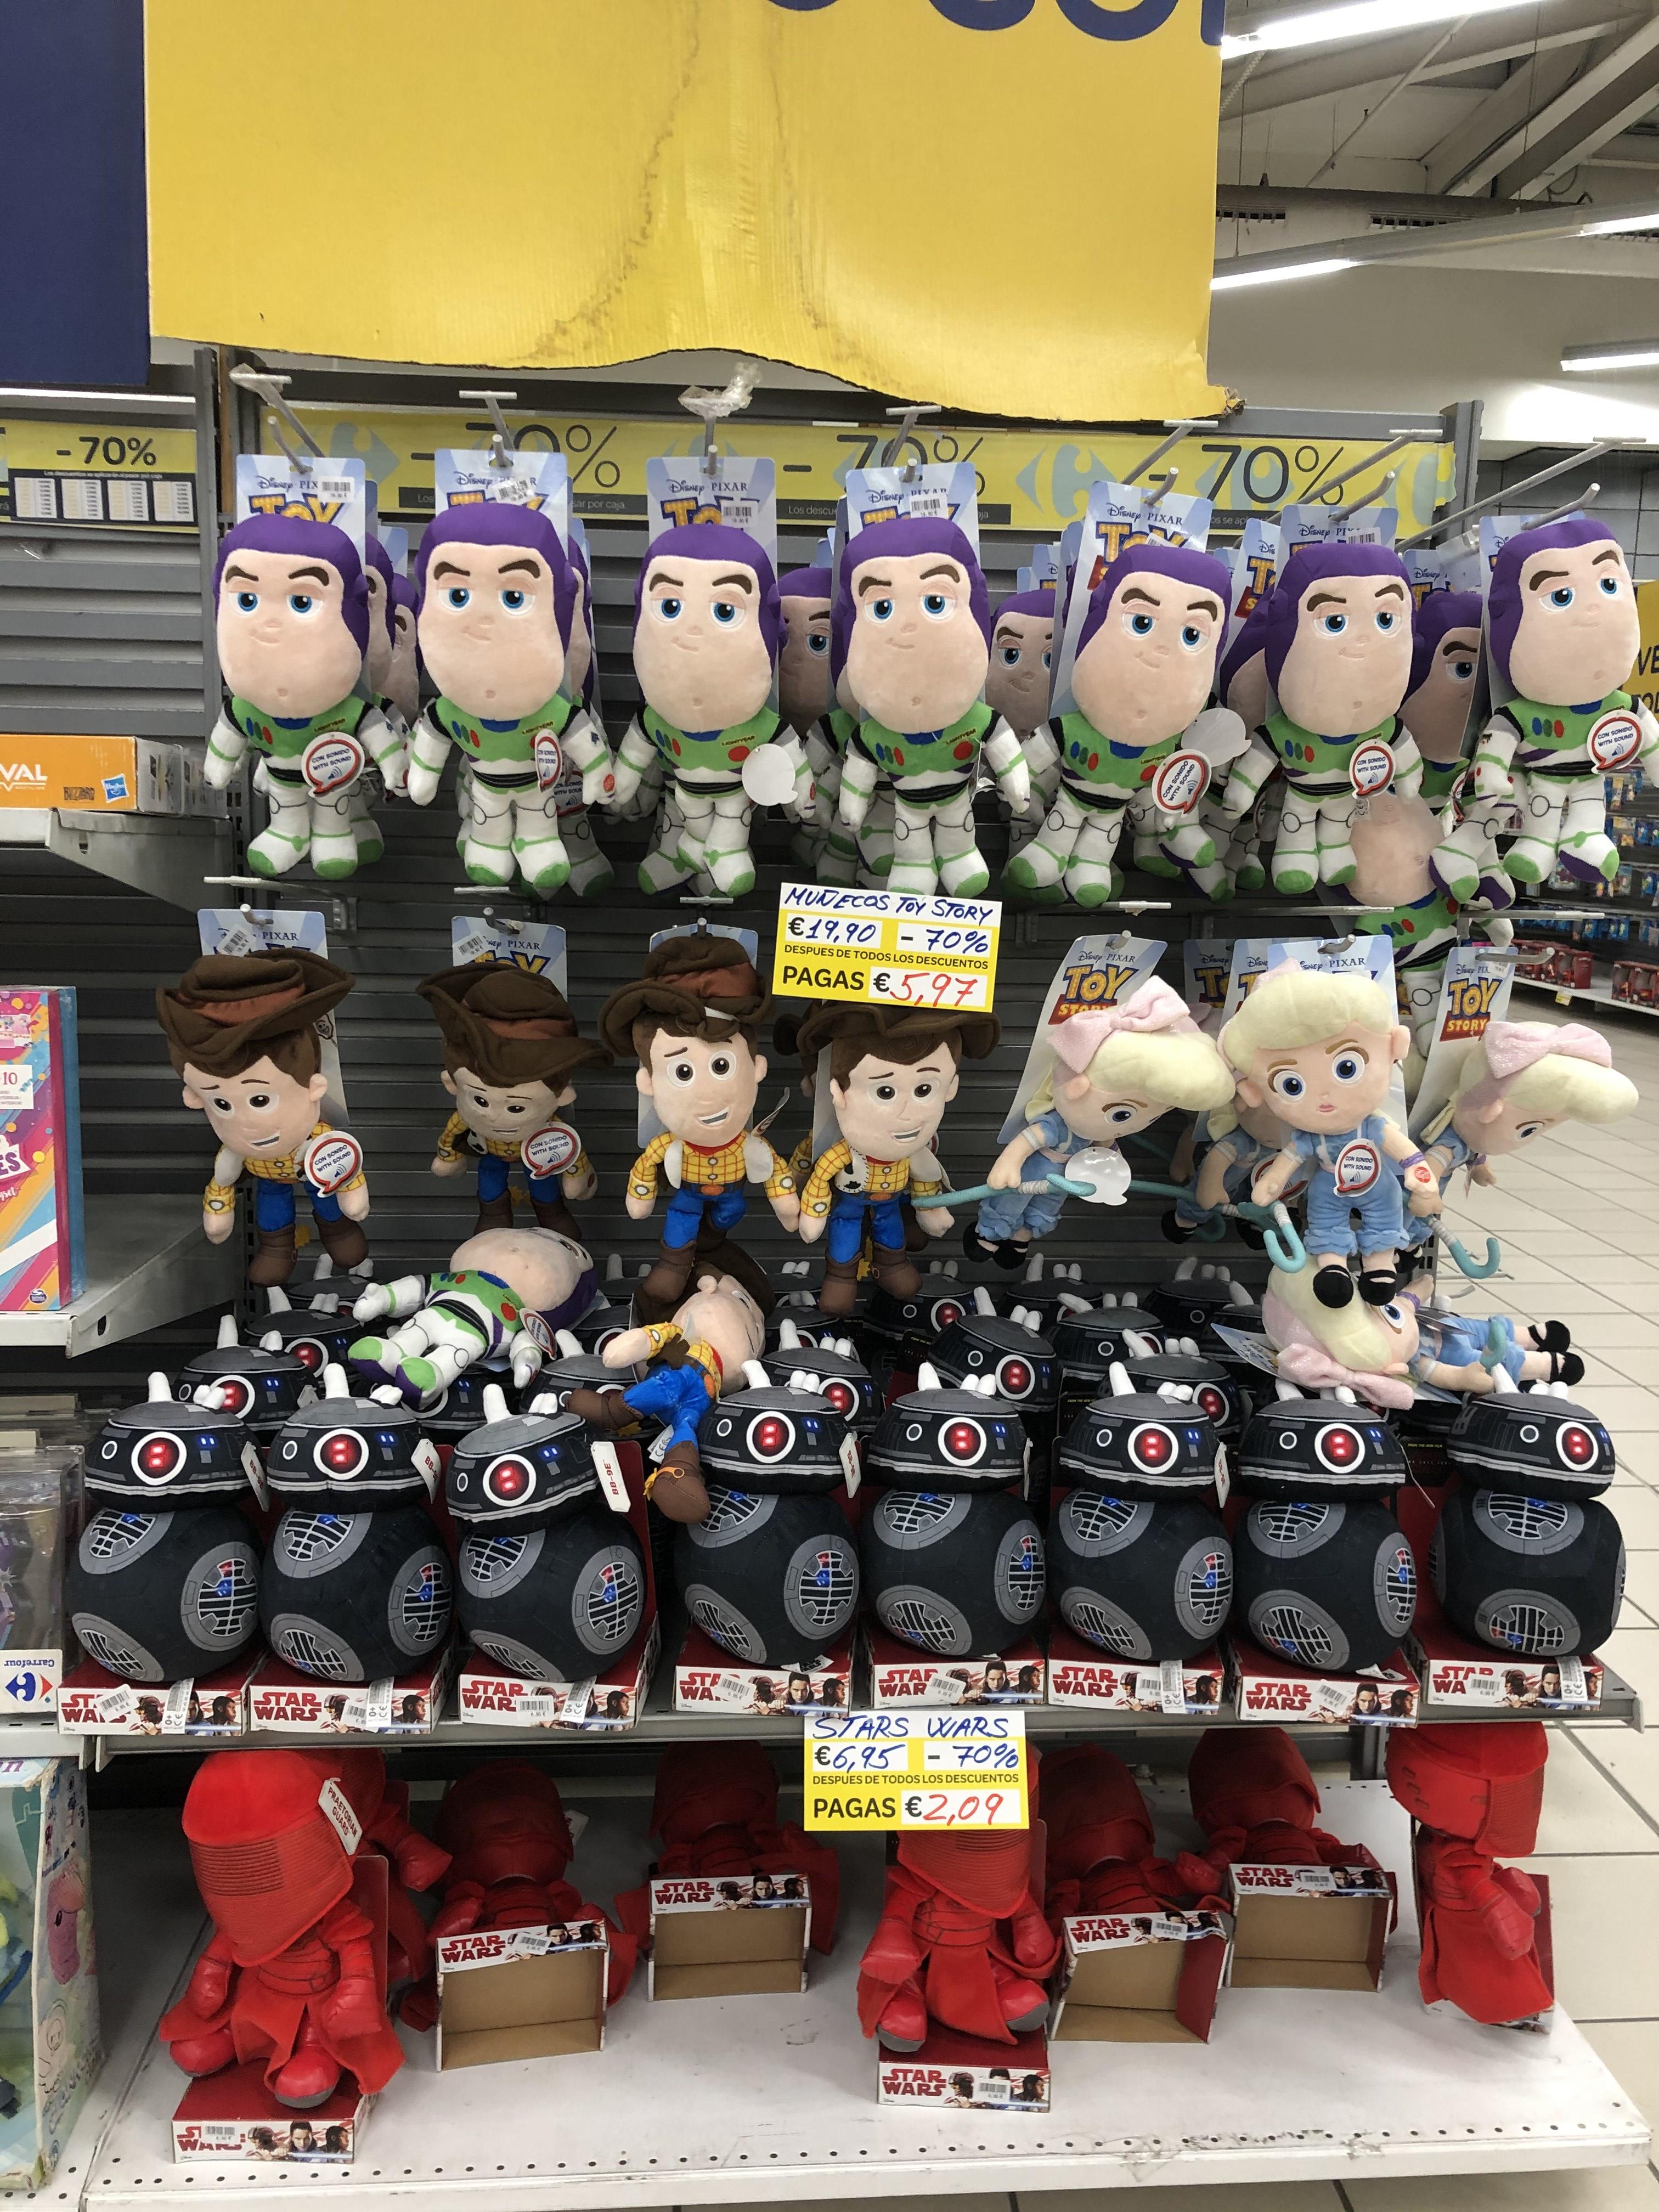 Peluches Star Wars y Toy Story -70% en Carrefour Sur outlet. Jerez de la Frontera.